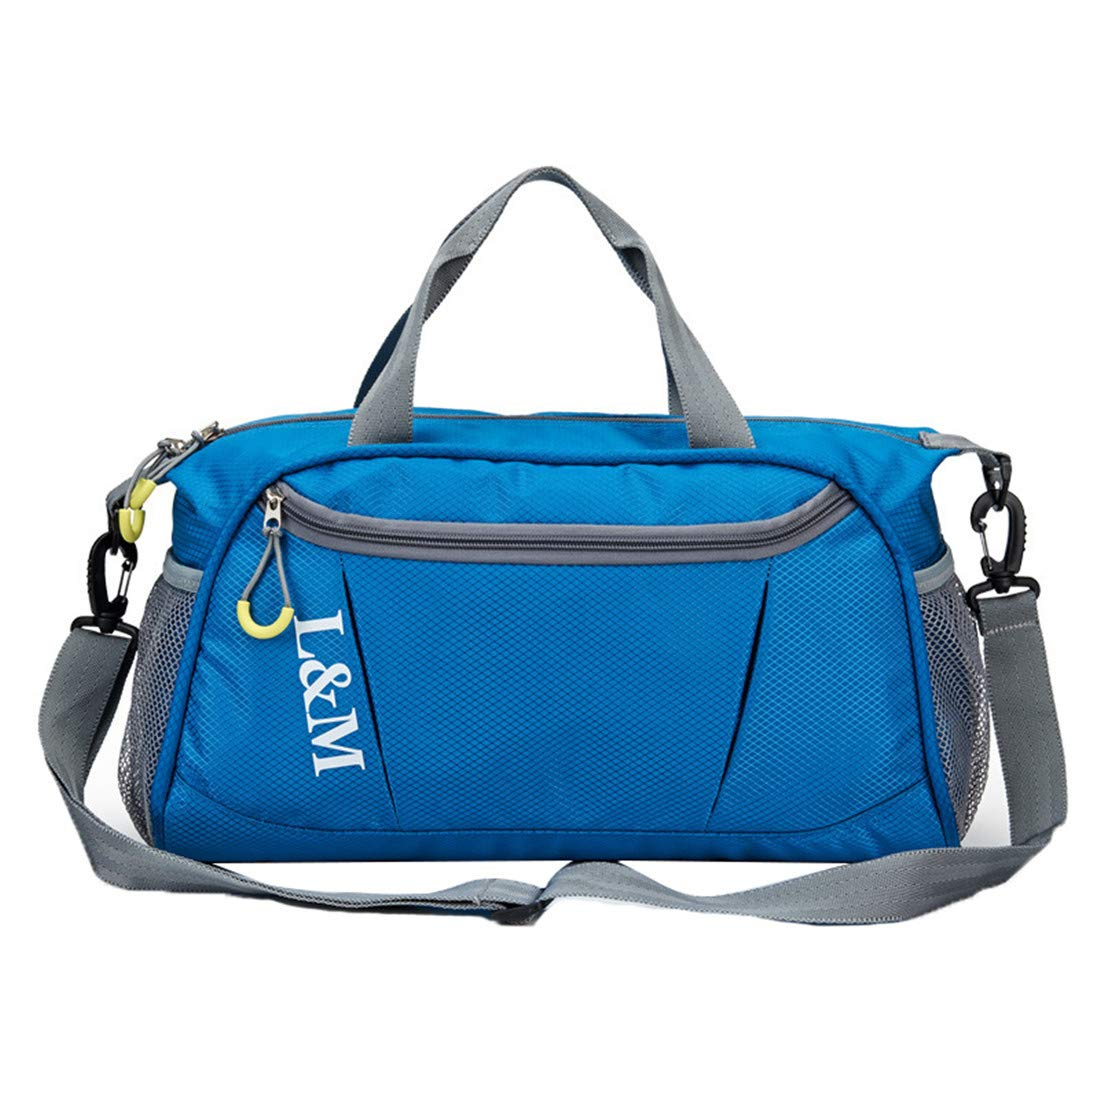 Haoda Schwimmen Wasserdicht Reisetasche Oxford Seesack Geräumige Leichtes Duffel Bag Tragbare Groß Fitnesstasch Damen Sporttasche Männer Trainingstasche Strand Tragetasche